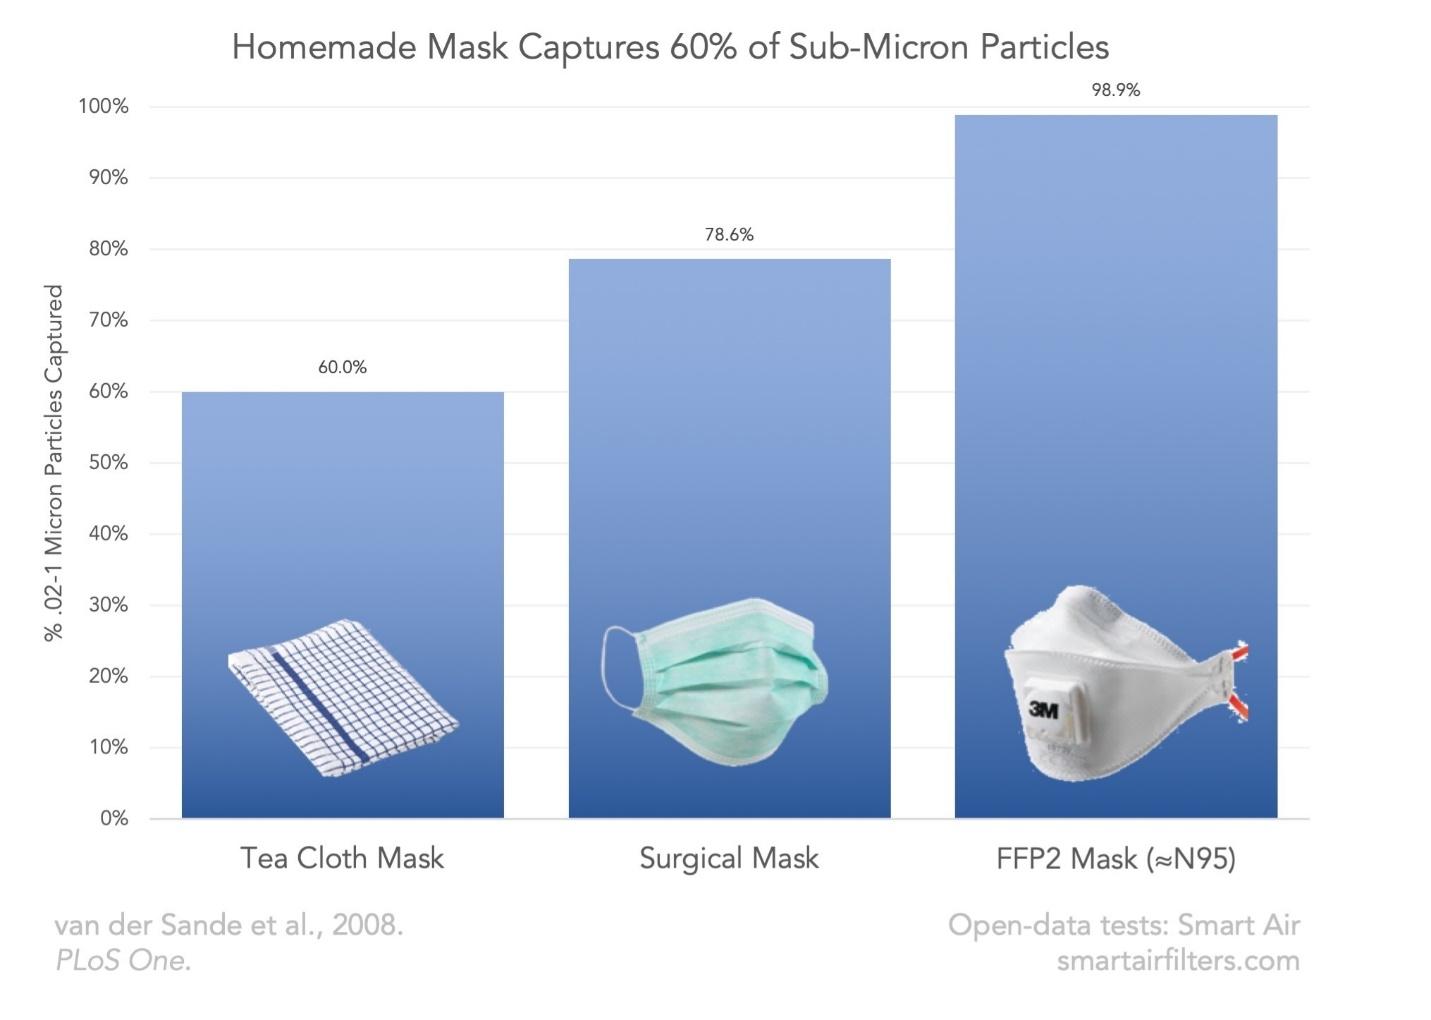 La mascarilla casera captura el 60% de las partículas submicrométricas % .02-1 partículas de micrón capturadas